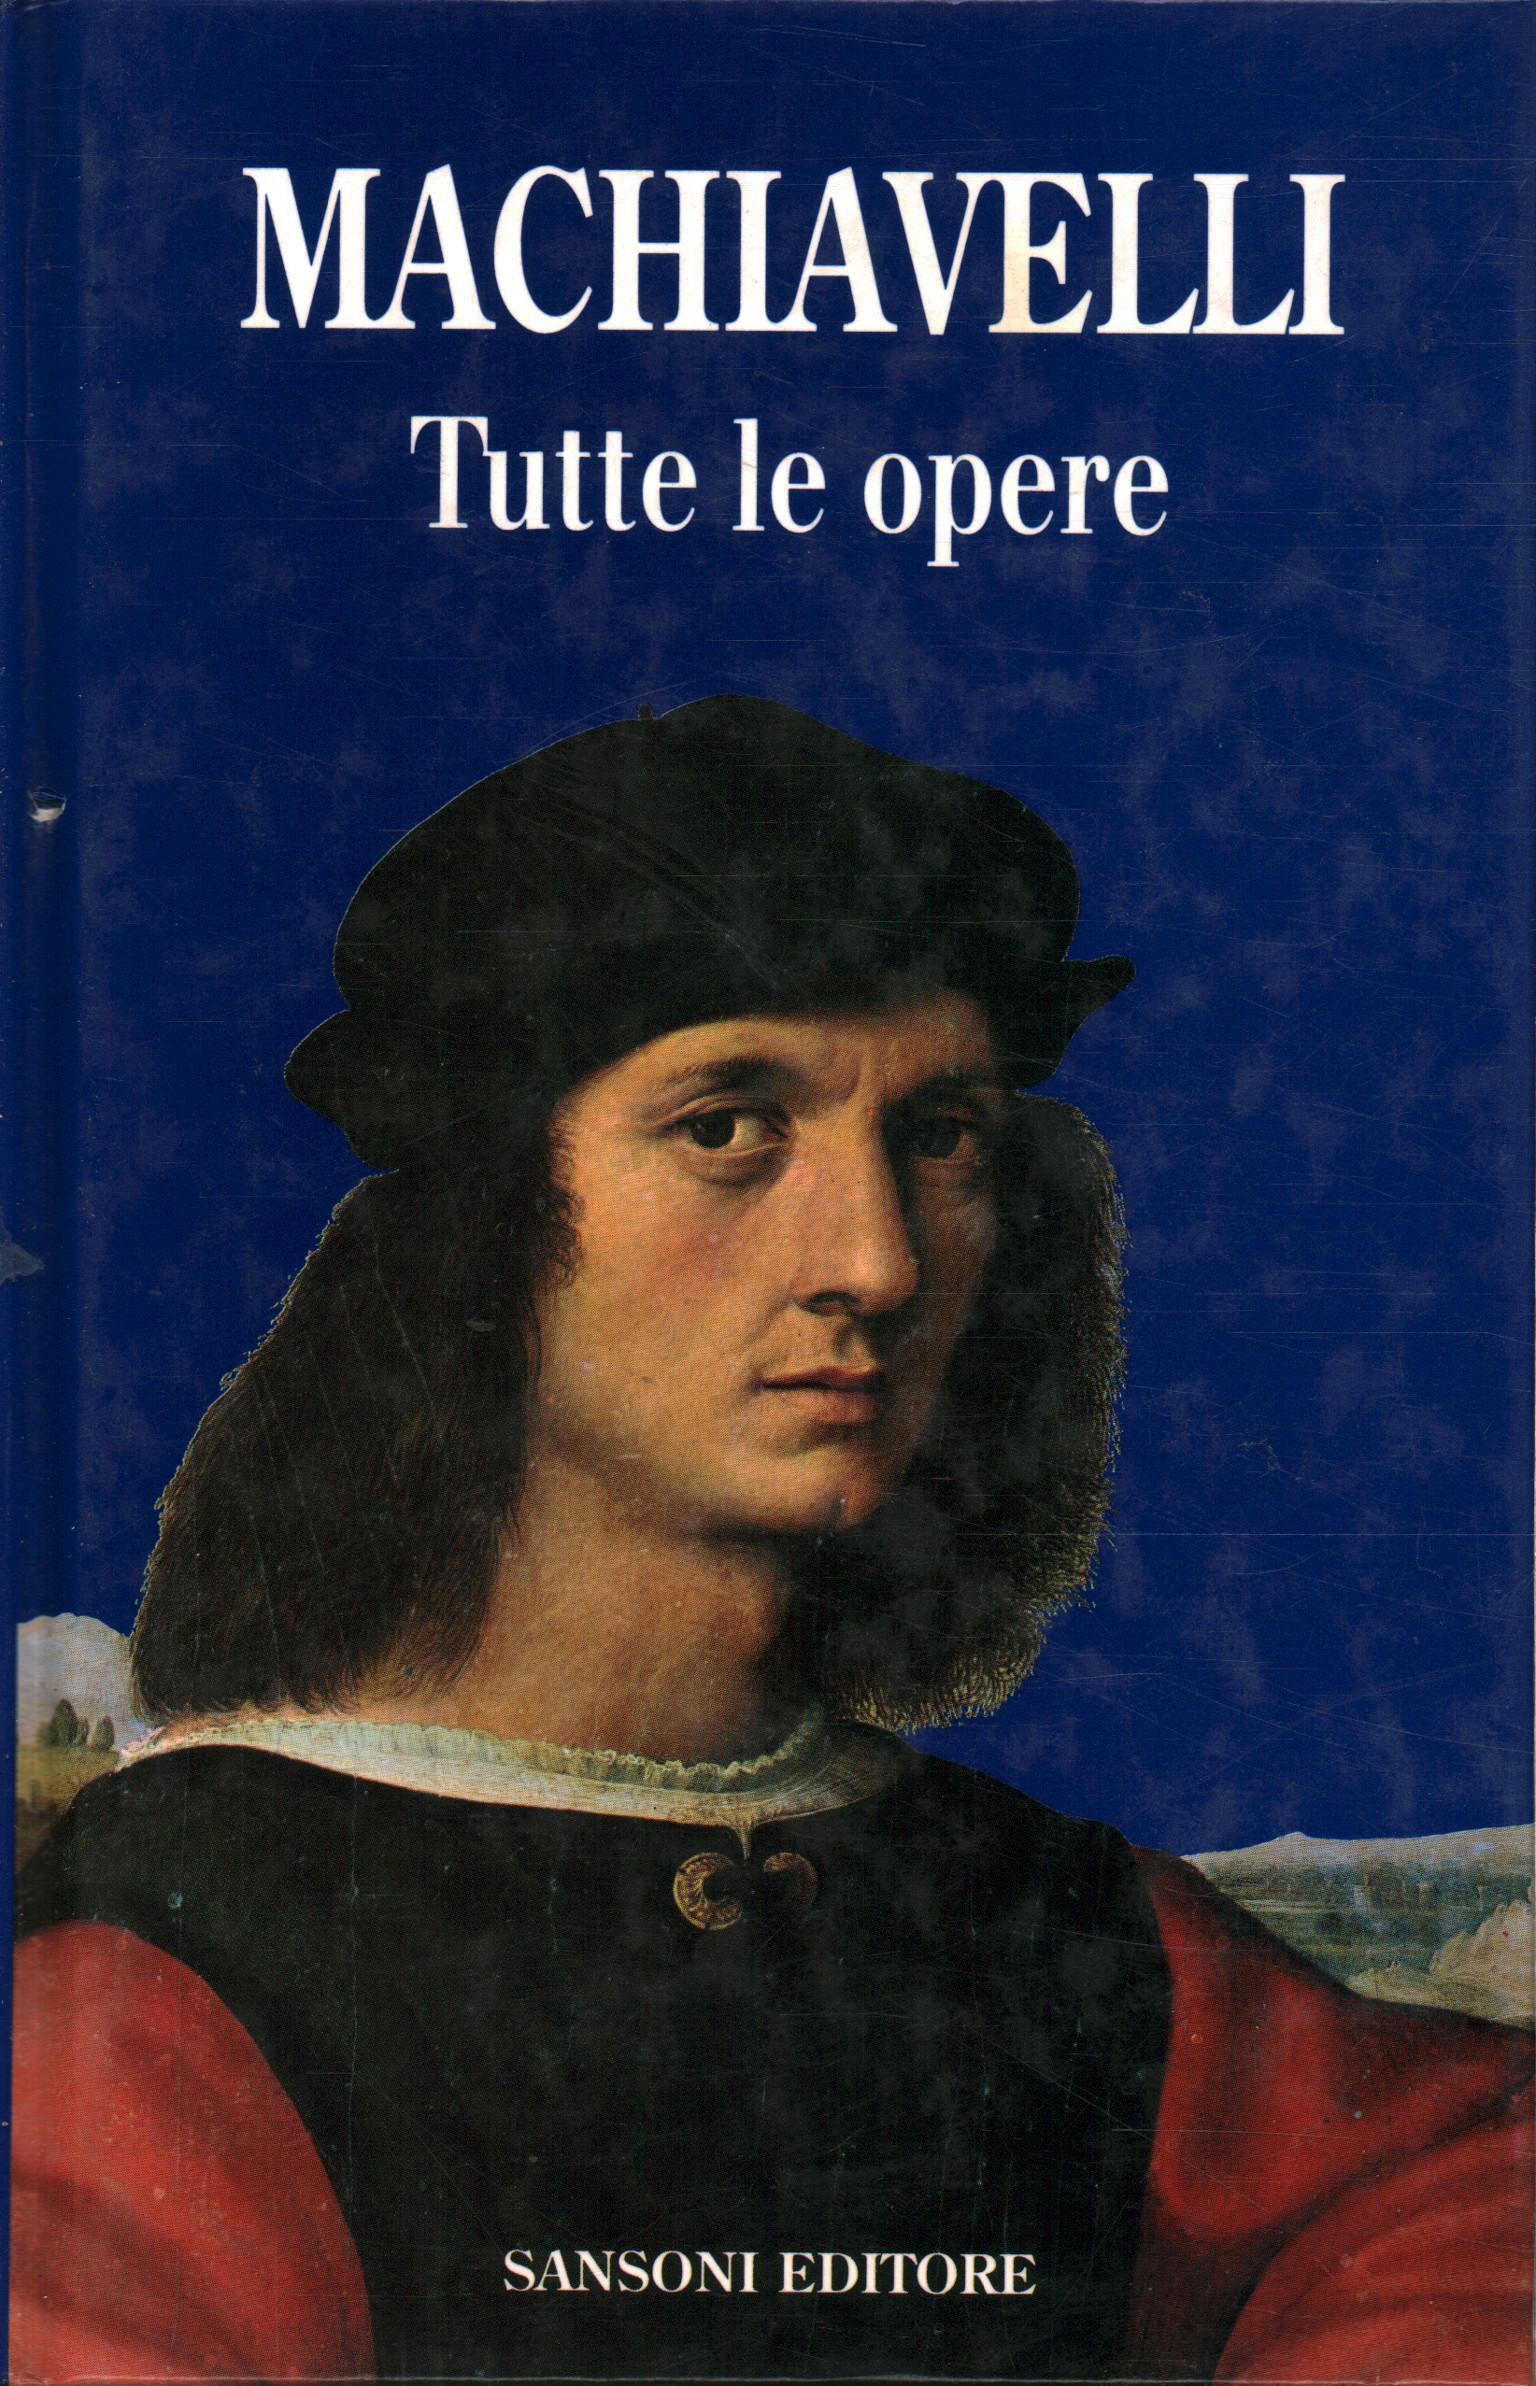 Tutte le opere - Niccolò Machiavelli - Narrativa Classica Italiana -  Narrativa - Libreria - dimanoinmano.it